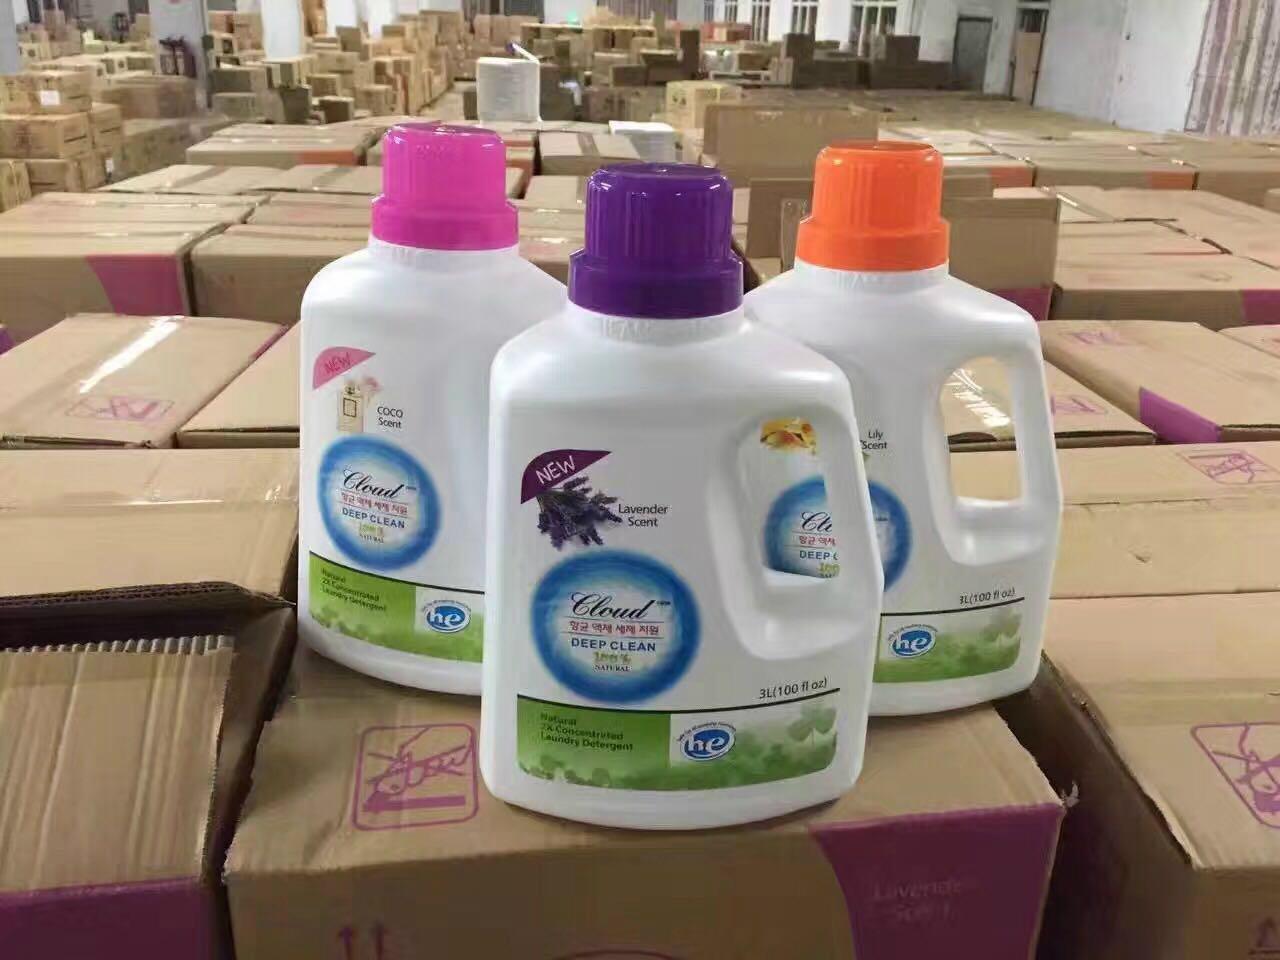 港貨批發進口洗衣液九朵雲coco香水洗衣液 1